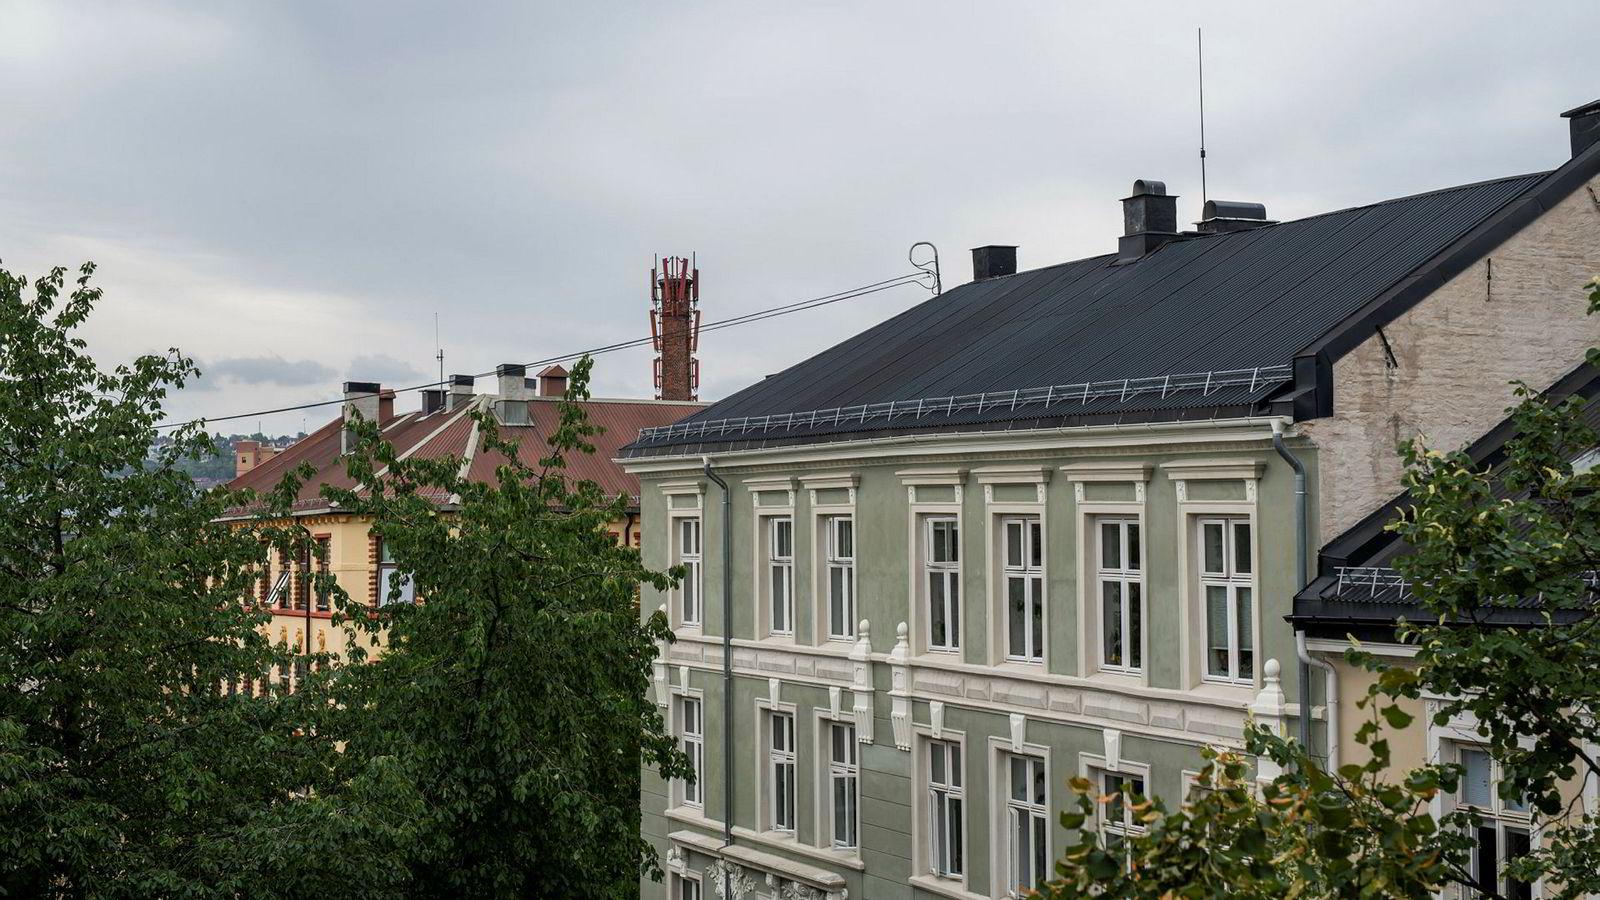 Boligprisene rekker så vidt å hente seg inn før det kommer en ny nedtur, tror DNB Markets. Illustrasjonsfoto av boliger på Grünerløkka i Oslo.